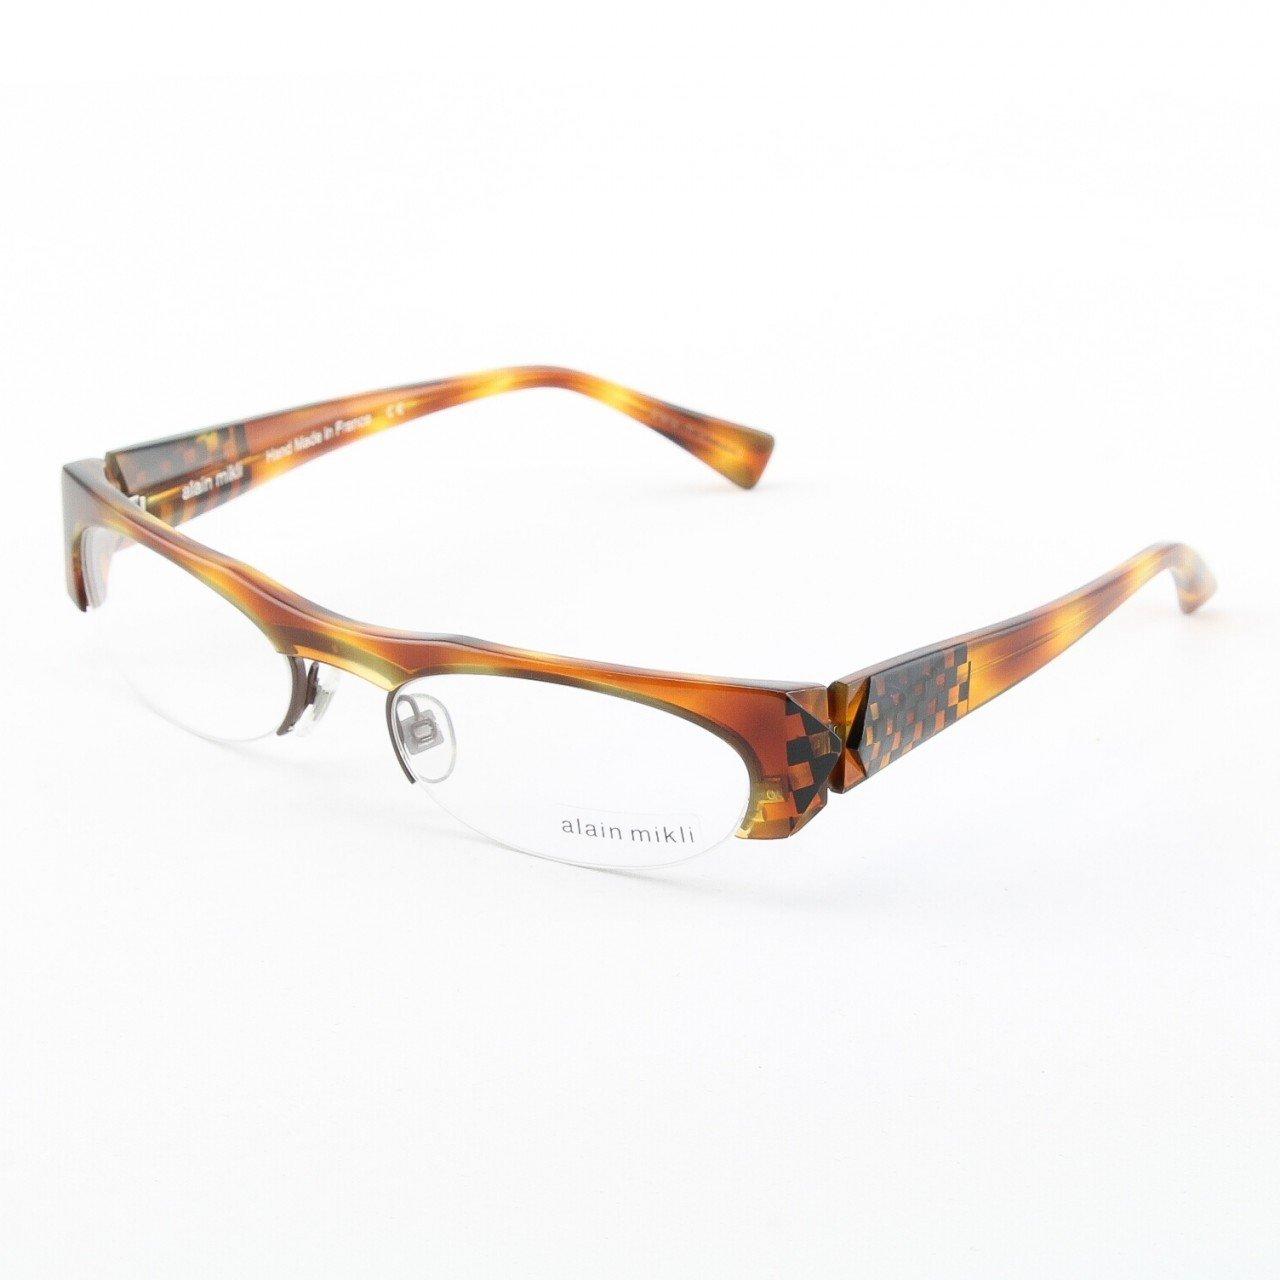 Alain Mikli Eyeglasses AL0927 Col. 2 Tortoise with Black Geometric Design on Temples